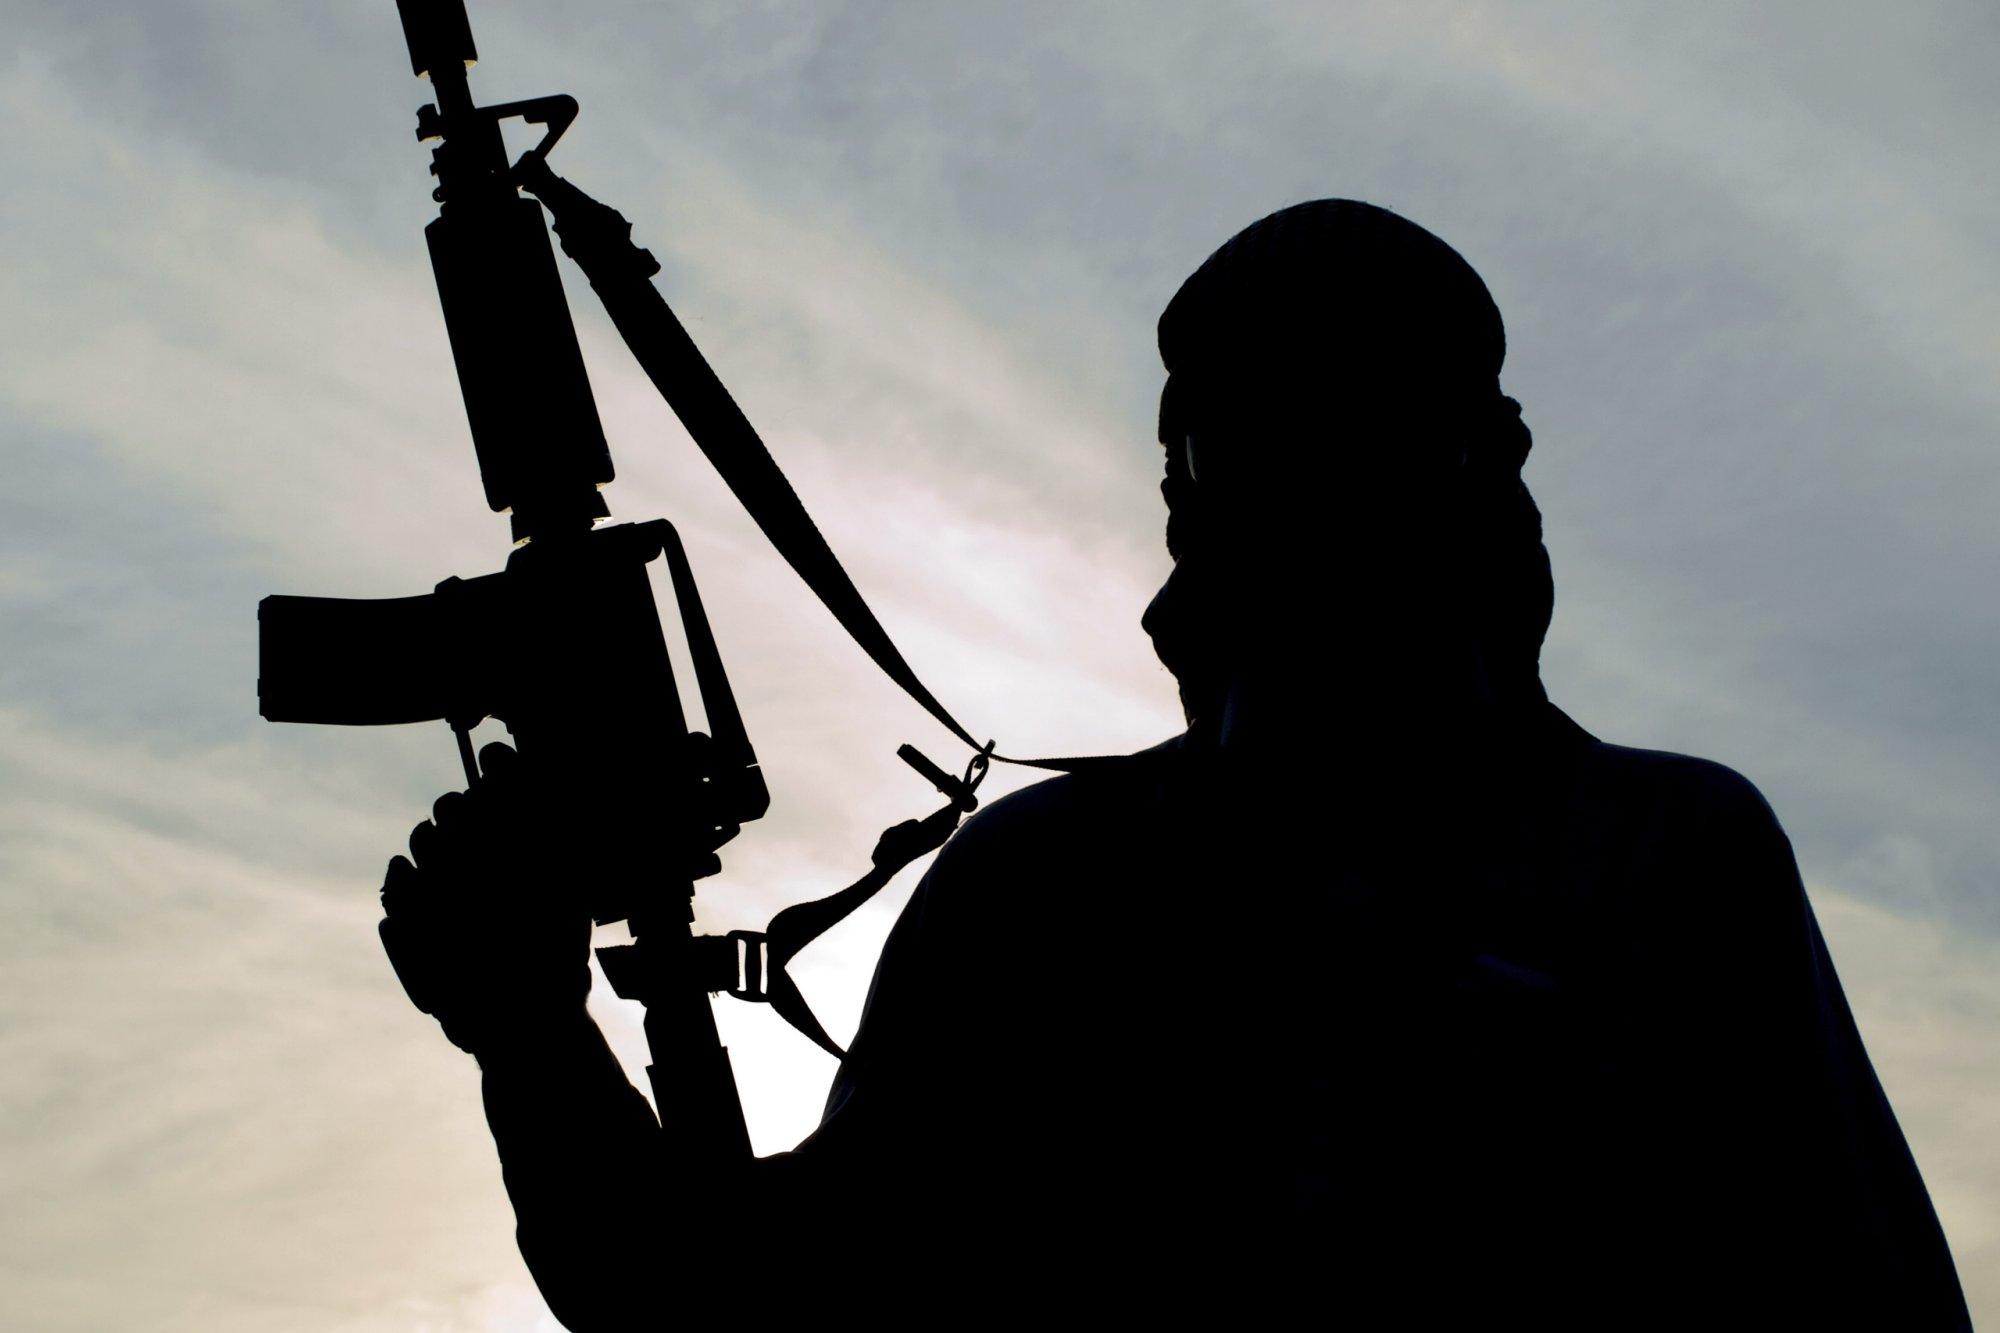 İŞİD'İ KÜRESELLEŞTİRMEMEK